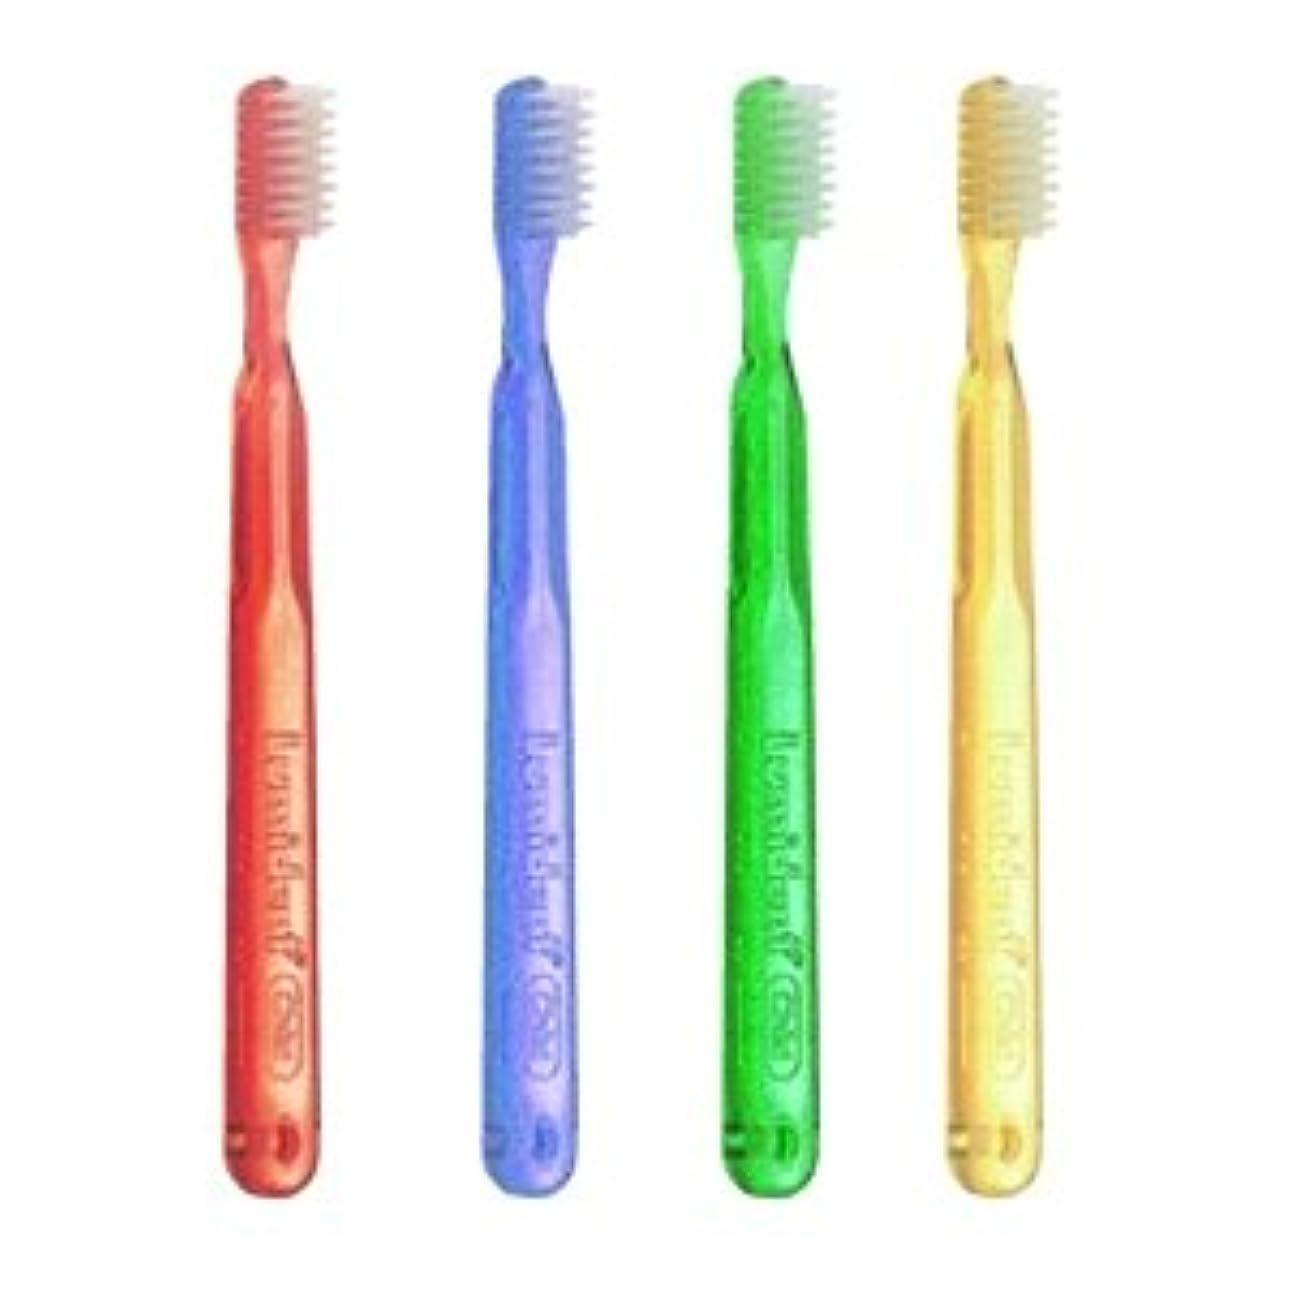 圧縮するリズム低いヘレウス ルミデント 歯ブラシ チャイルド 1本